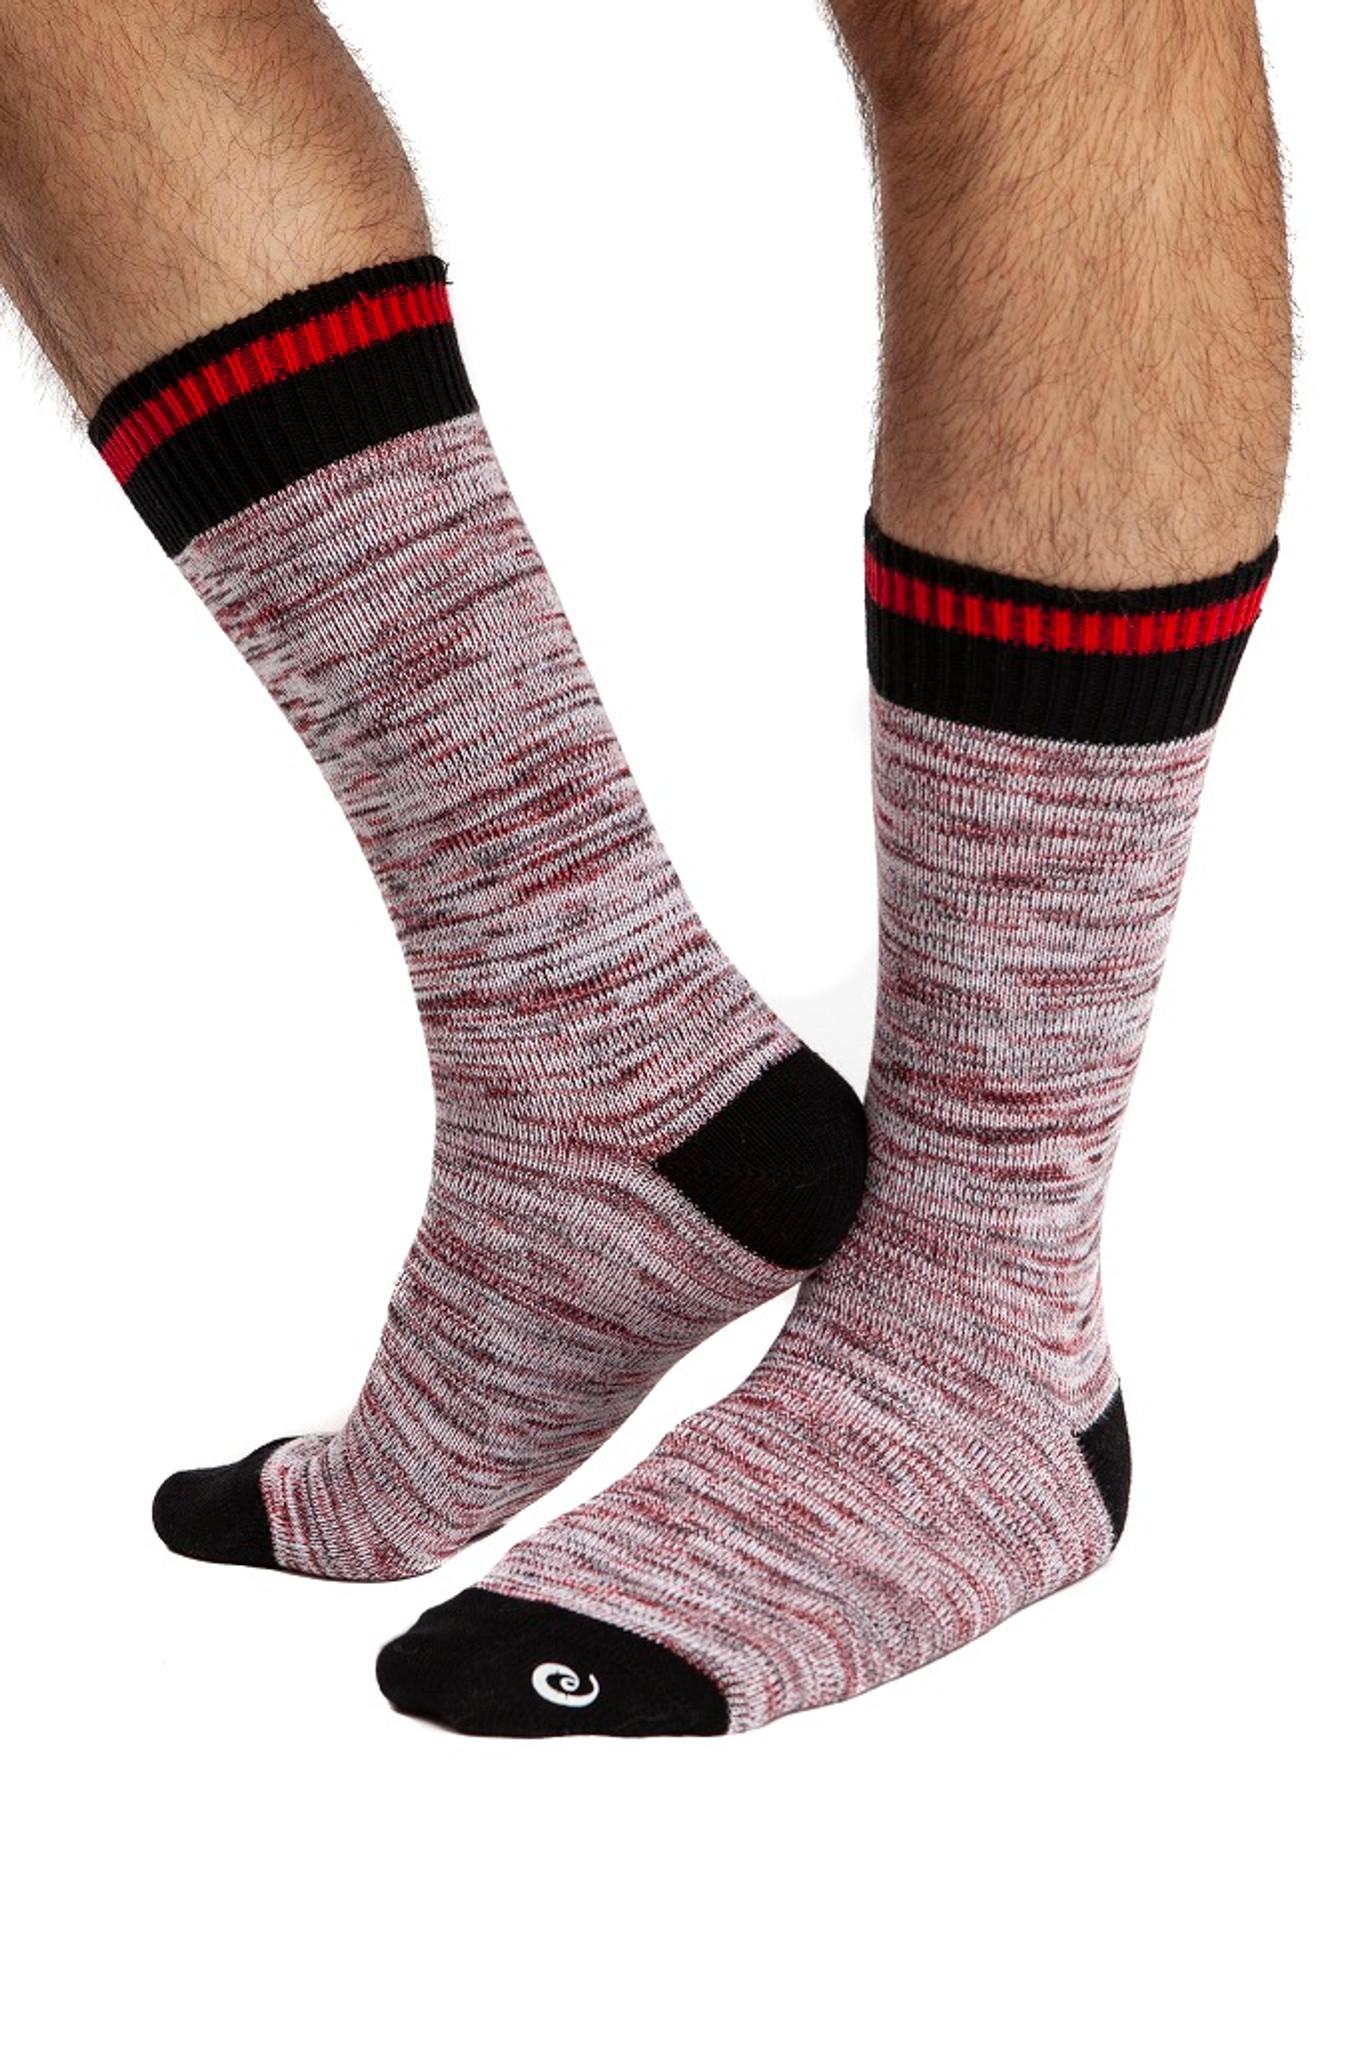 Jack Adams Vintage Socks